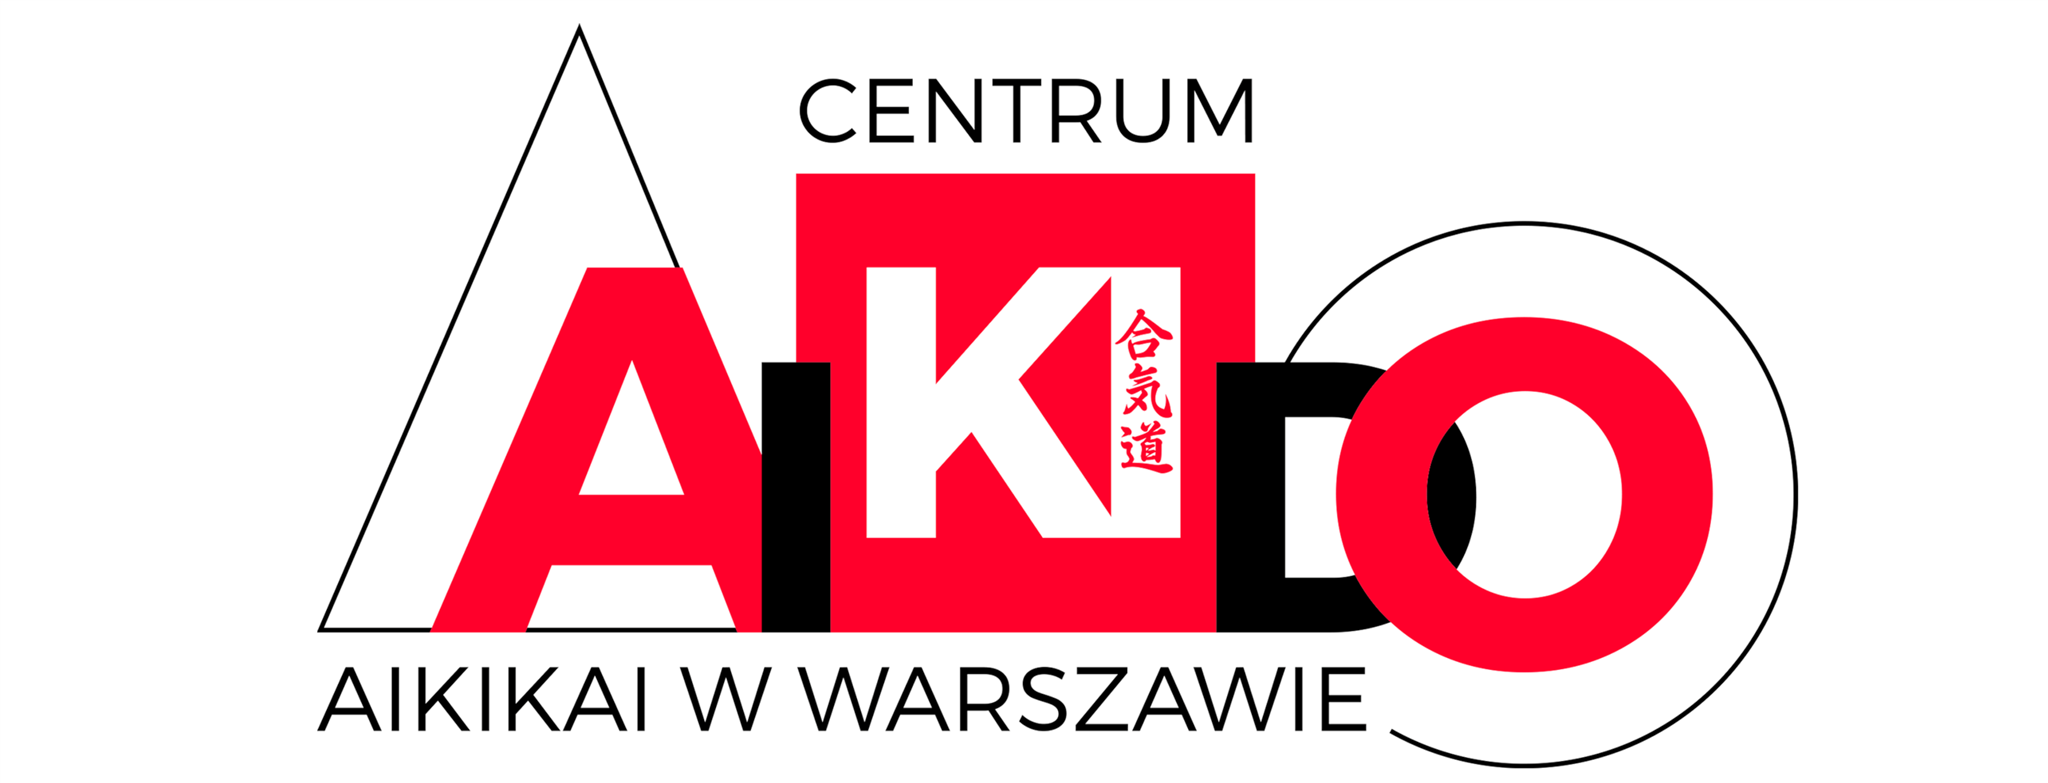 Centrum Aikido w Warszawie R Hoffmann 6 dan